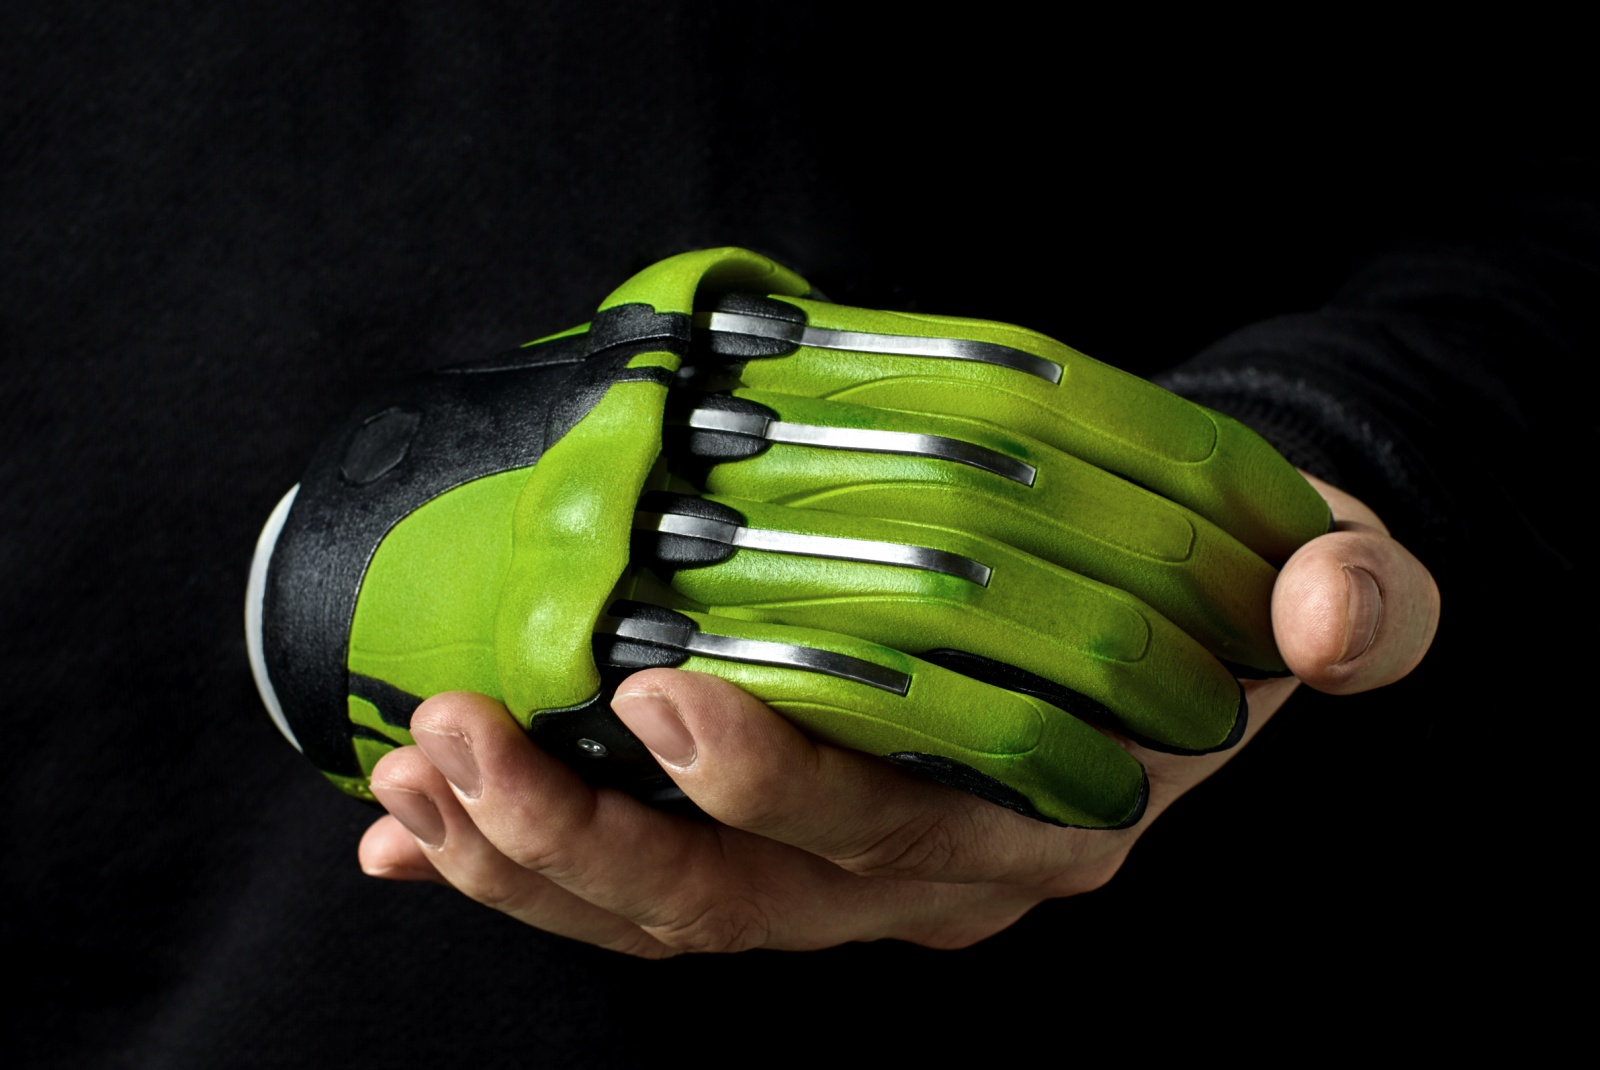 Бионический протез: самовыражение через дизайн - 1